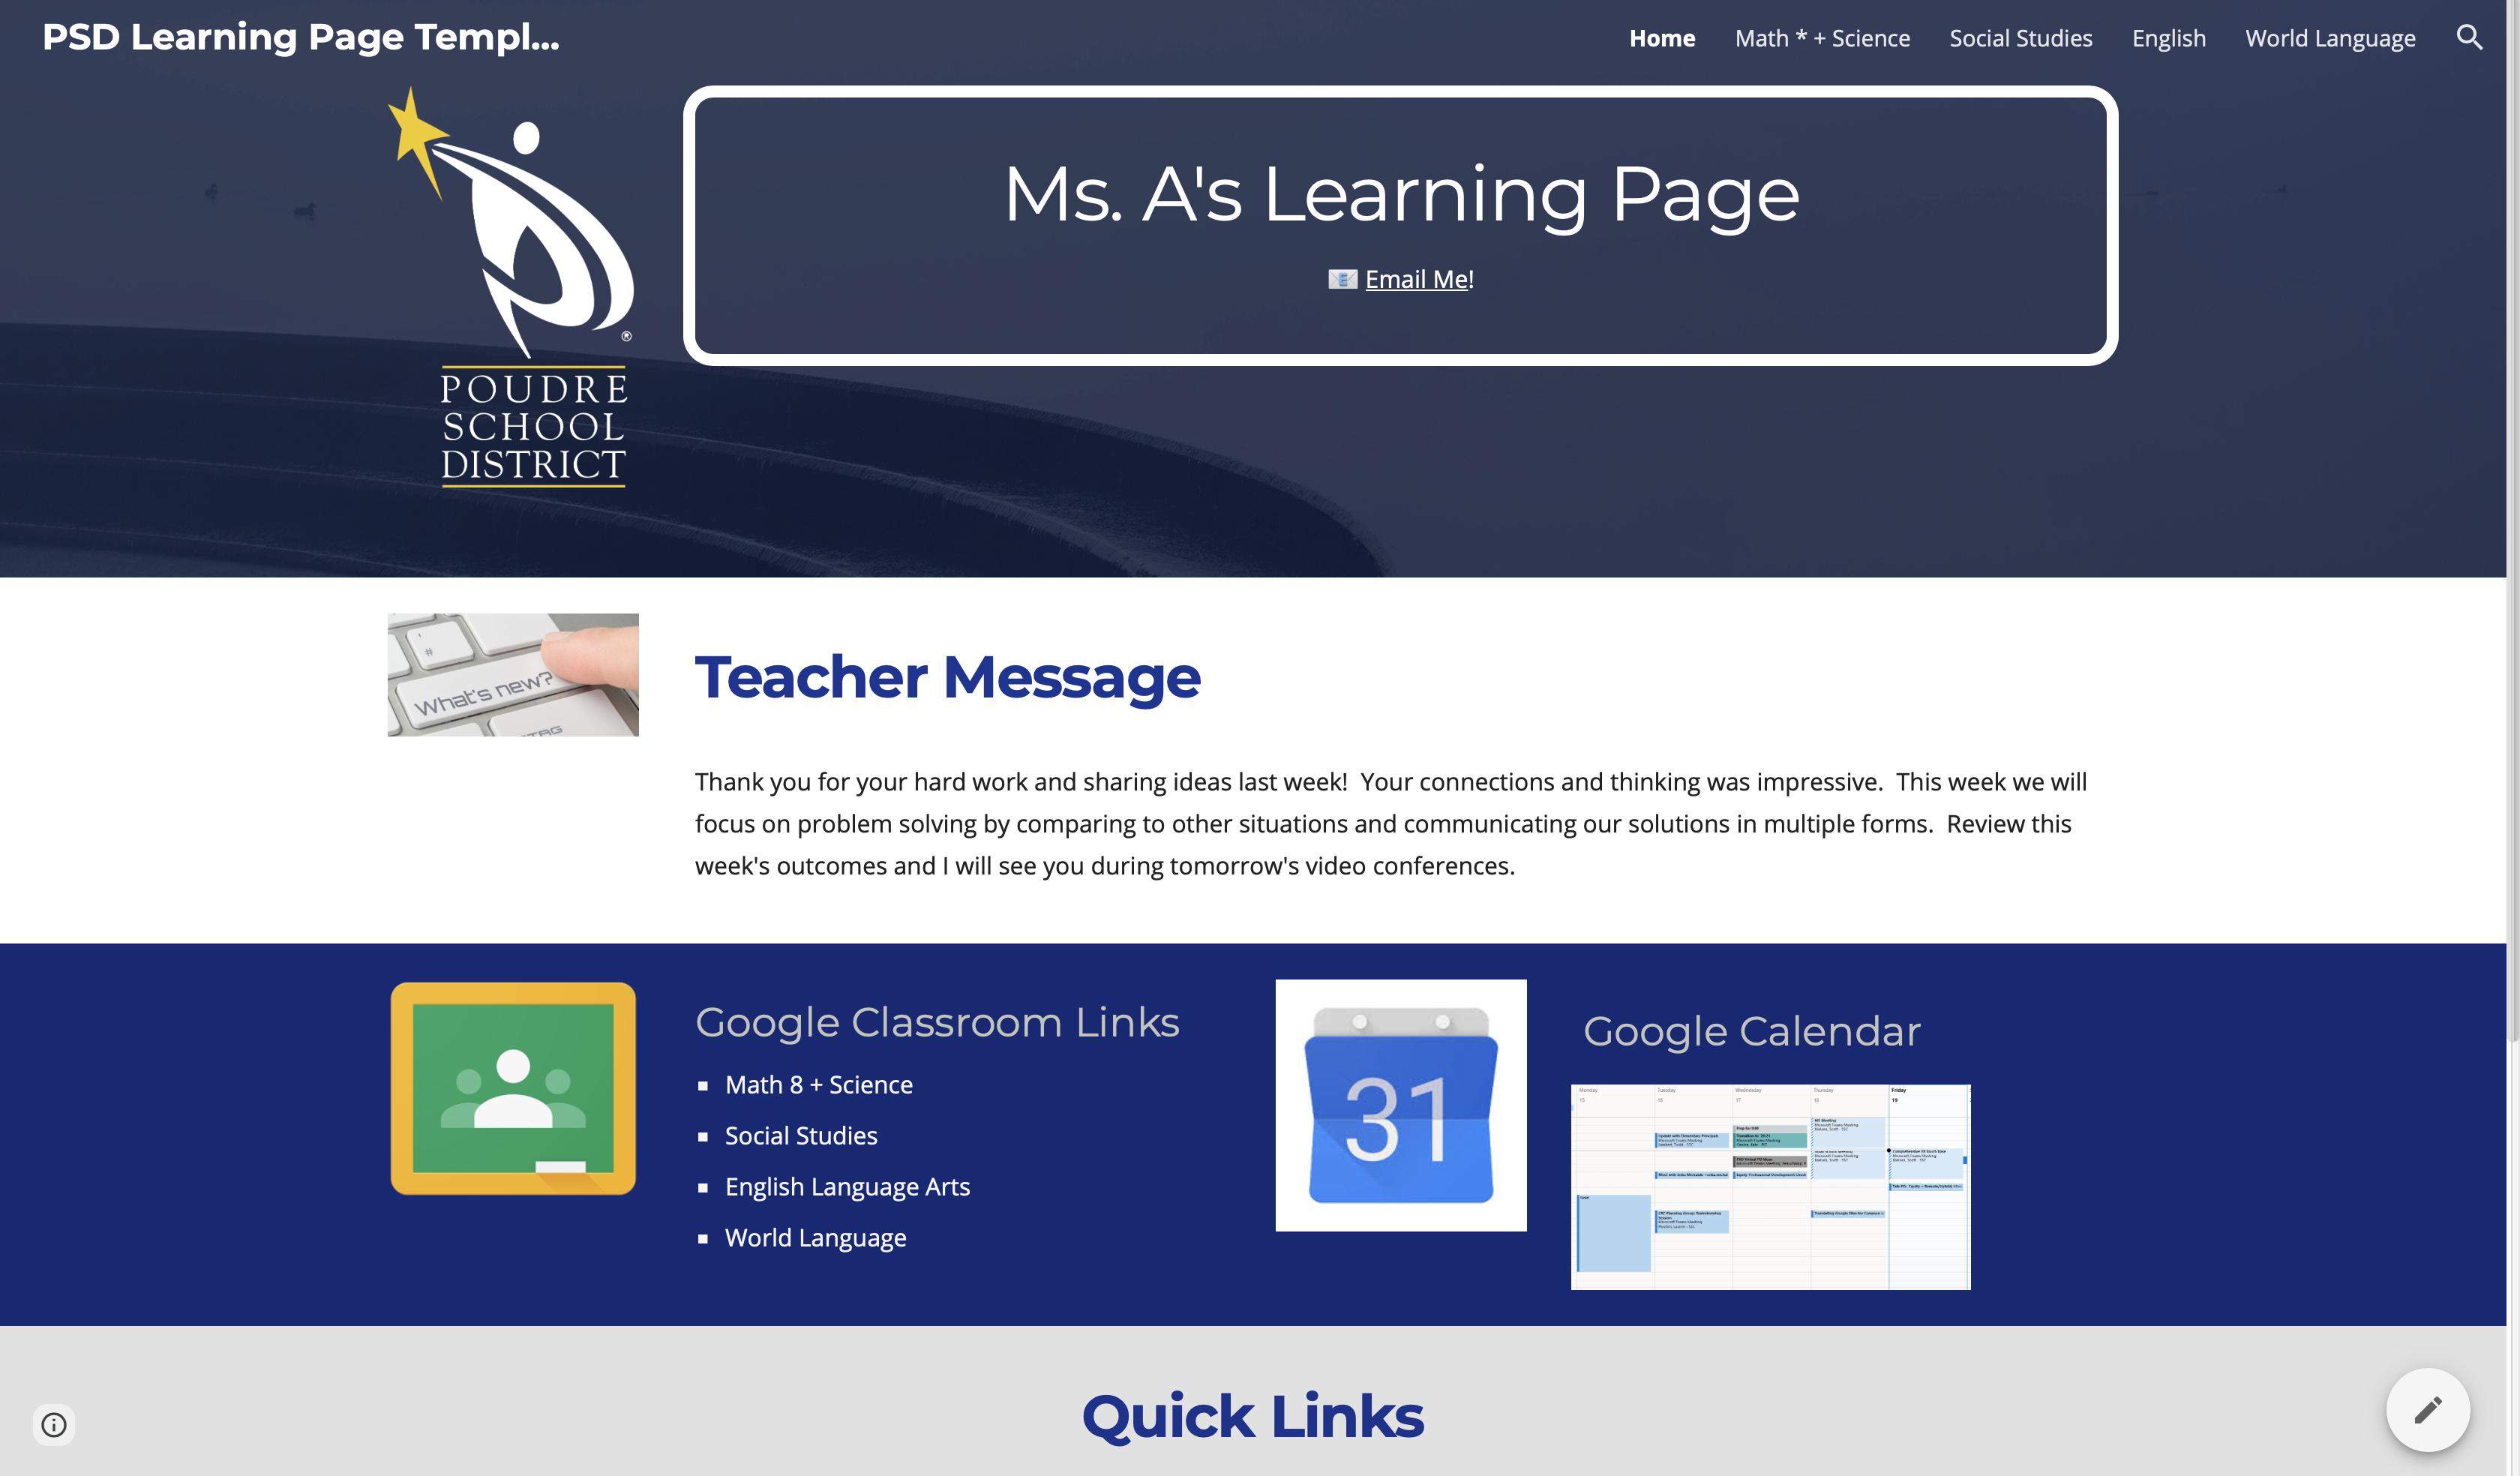 Screenshot of an online teacher landing page in PSD.